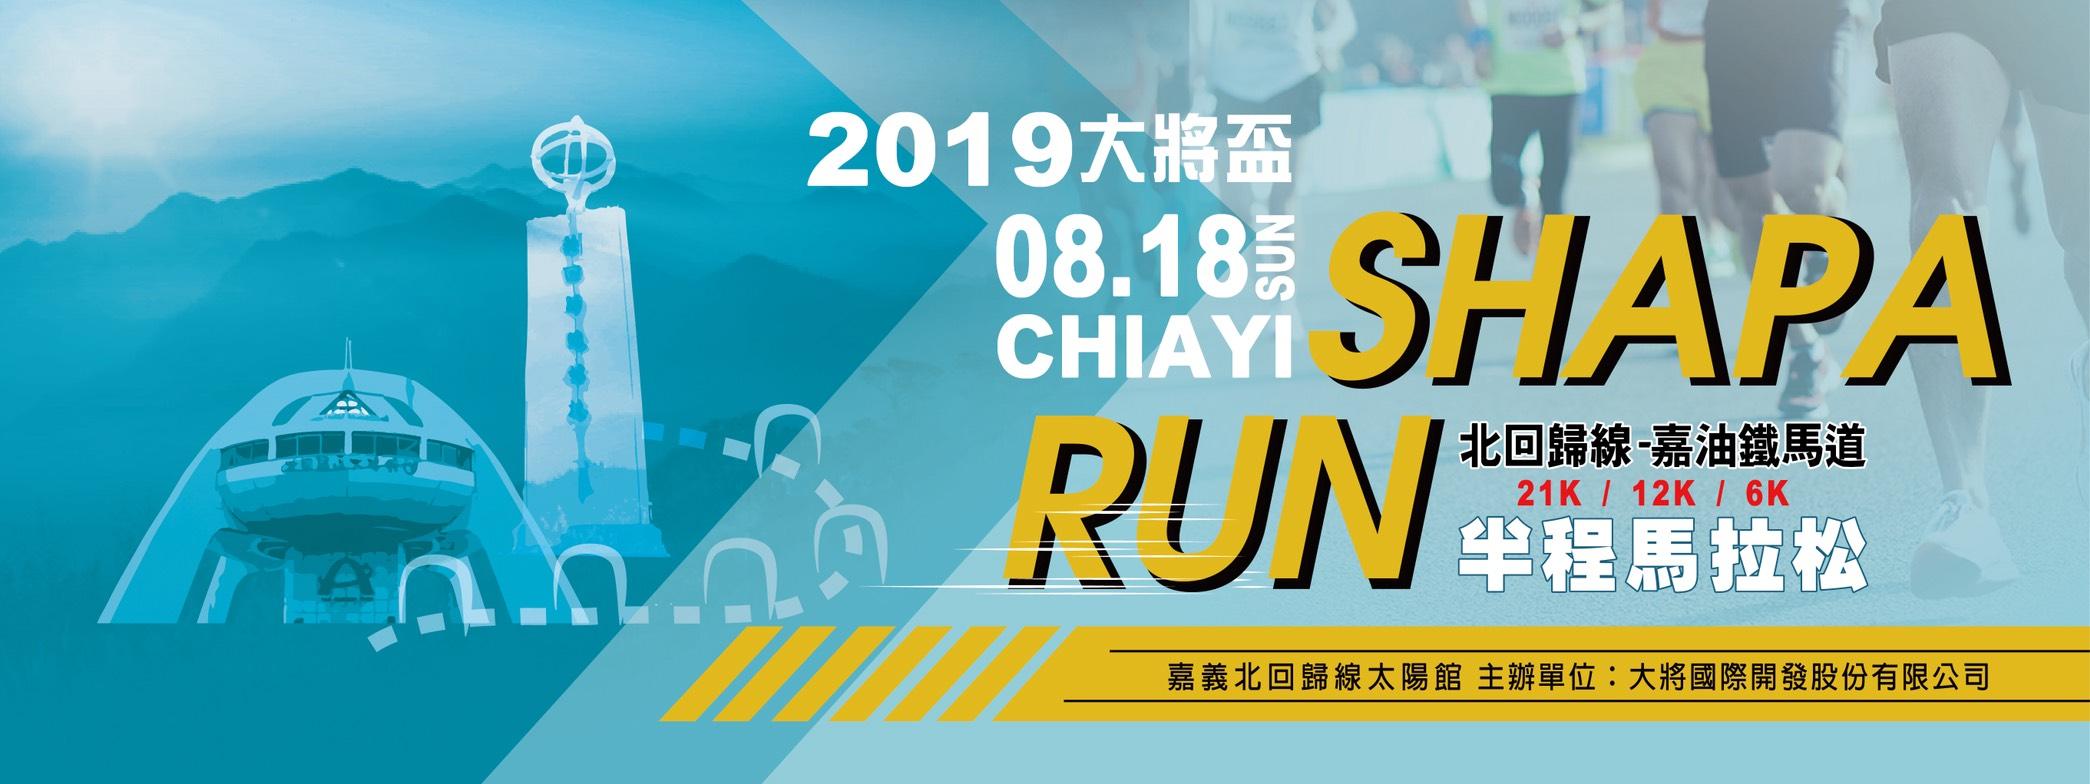 SHAPA-RUN大將盃半程馬拉松